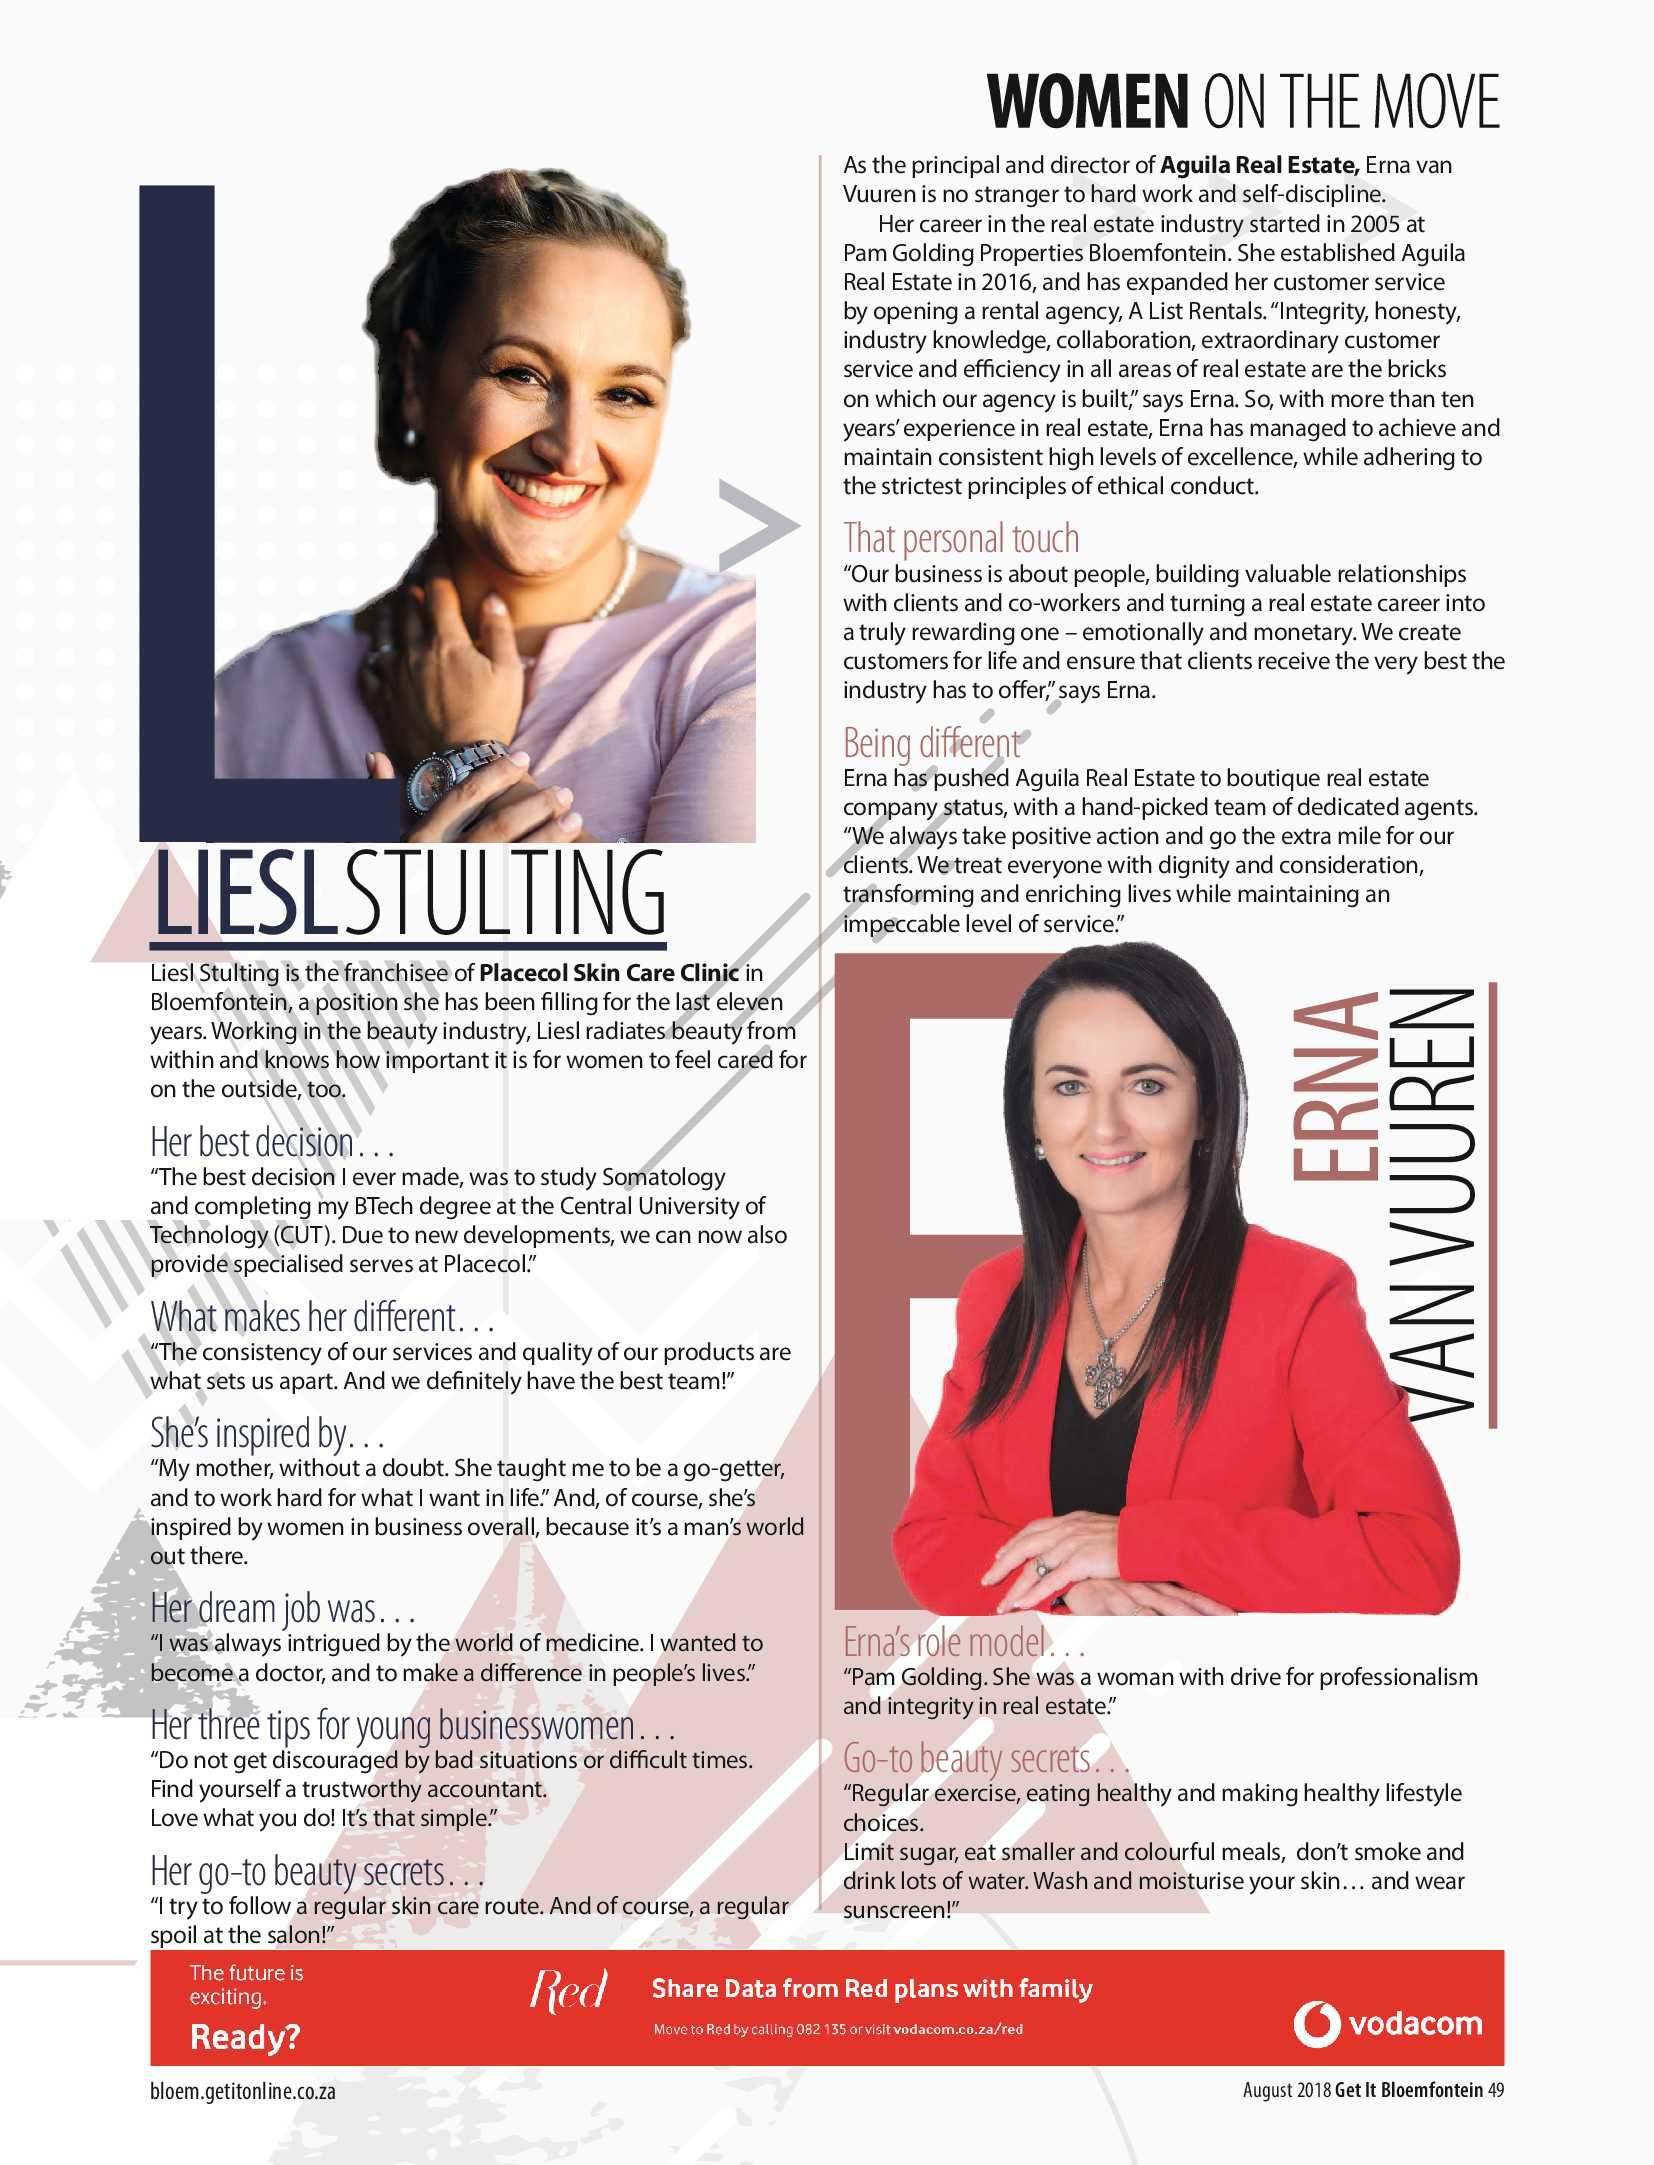 get-bloemfontein-august-2018-epapers-page-51